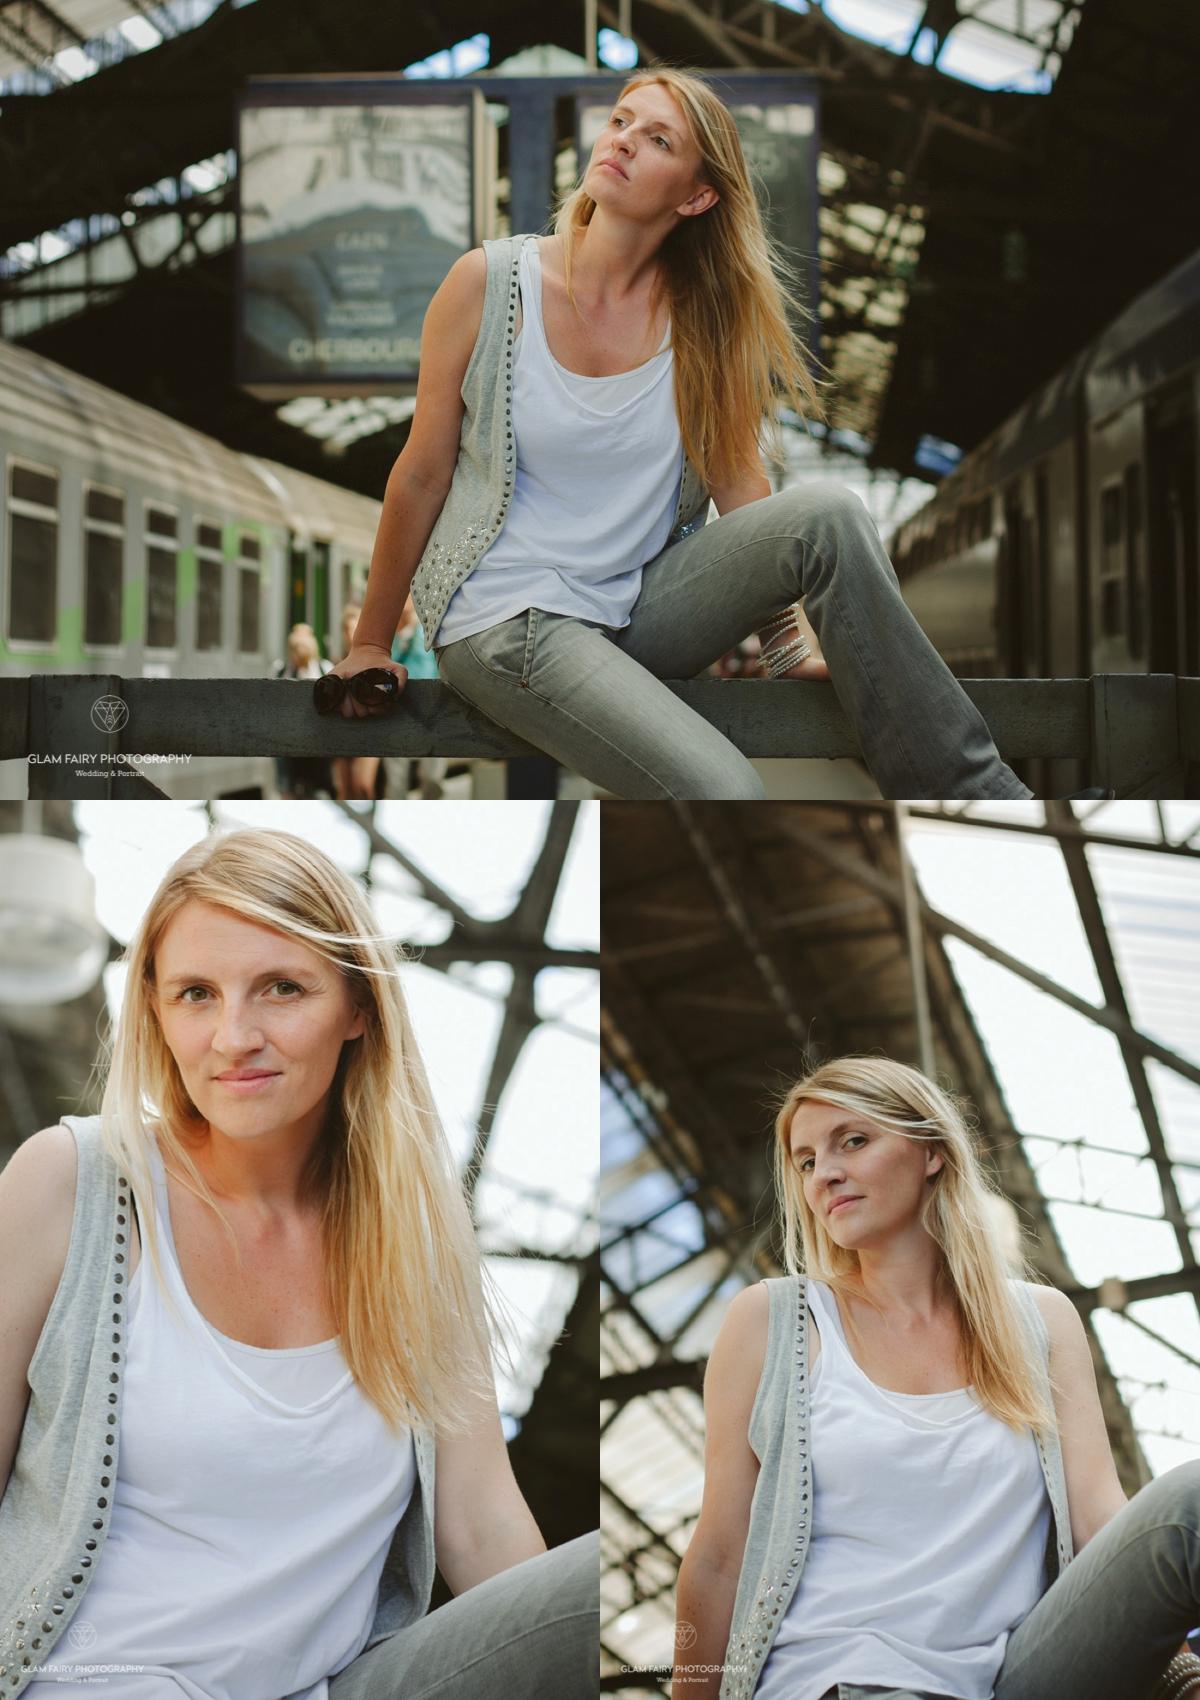 GlamFairyPhotography-seance-portrait-femme-hippie-chic-paris-sophie_0001